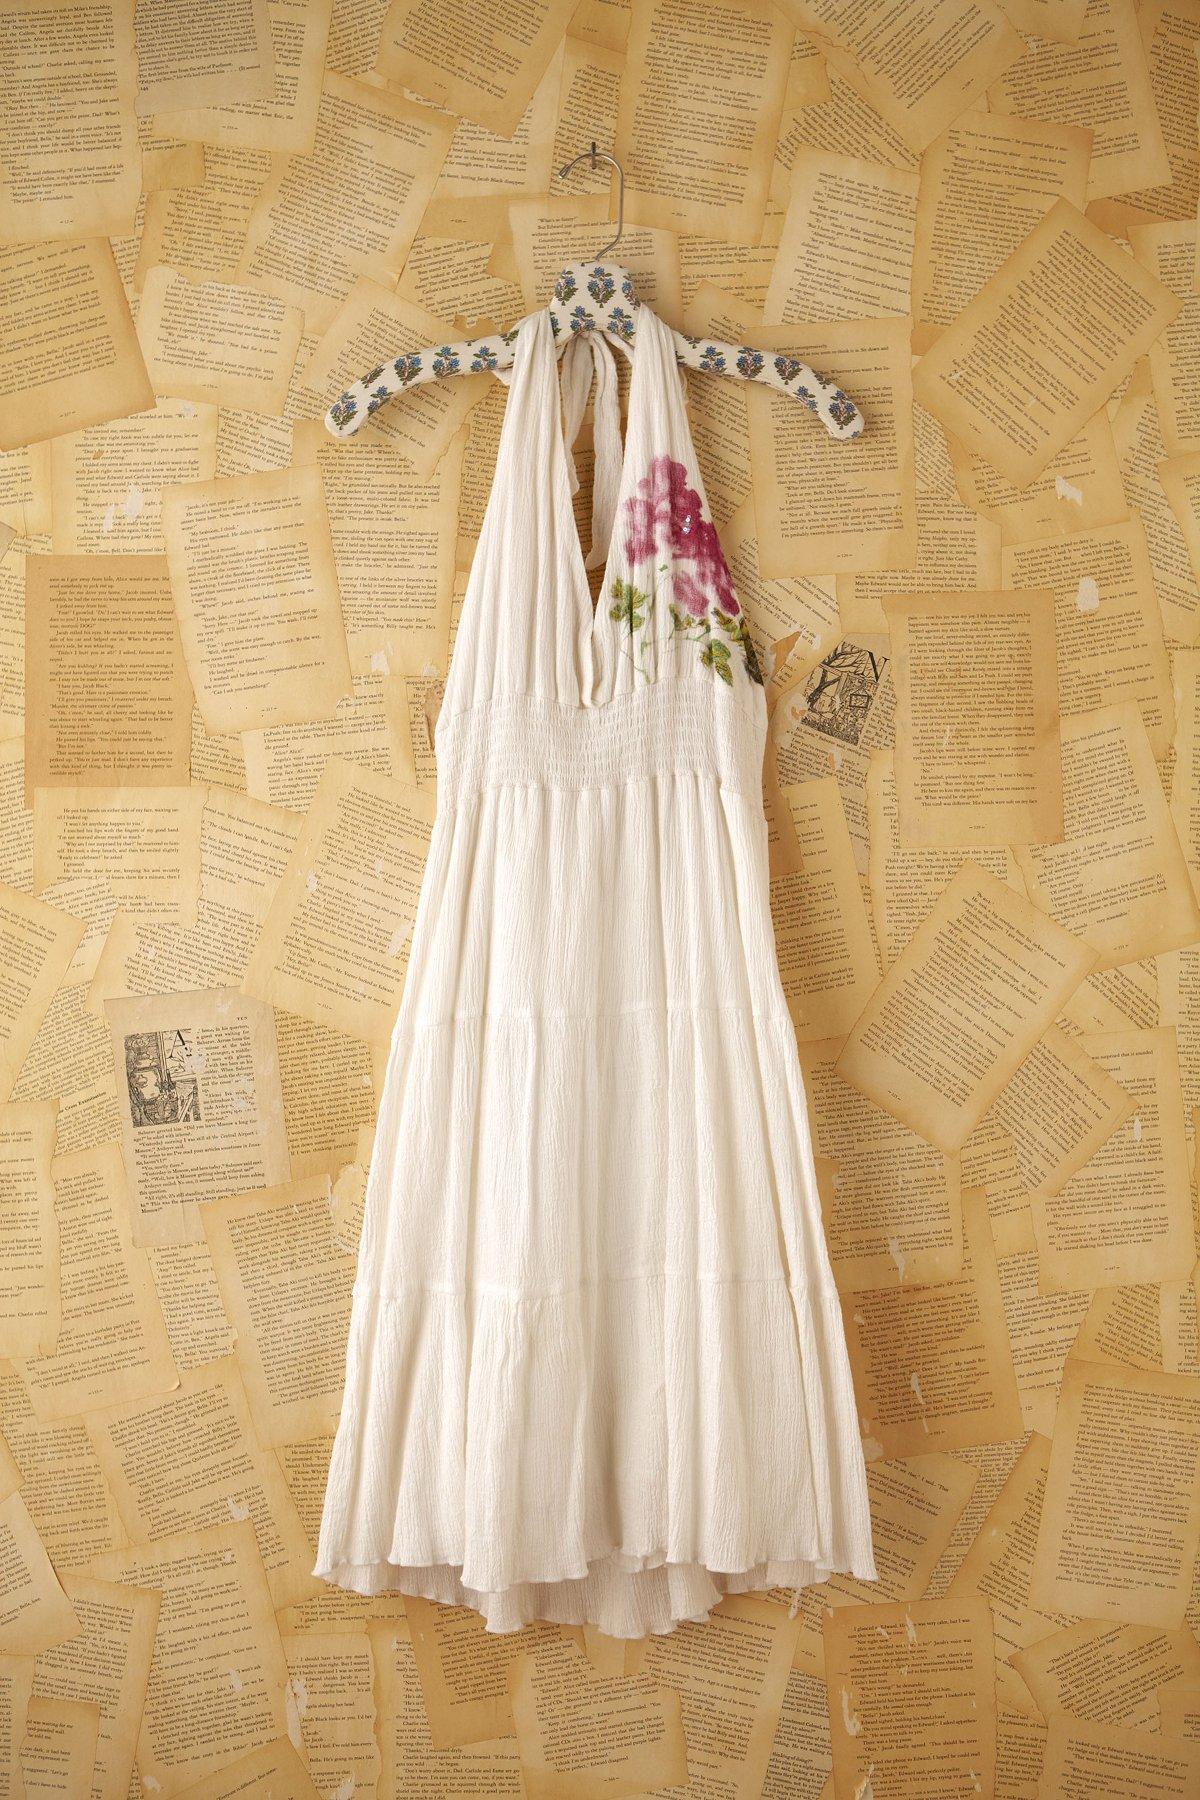 Vintage Halter Dress with Flower